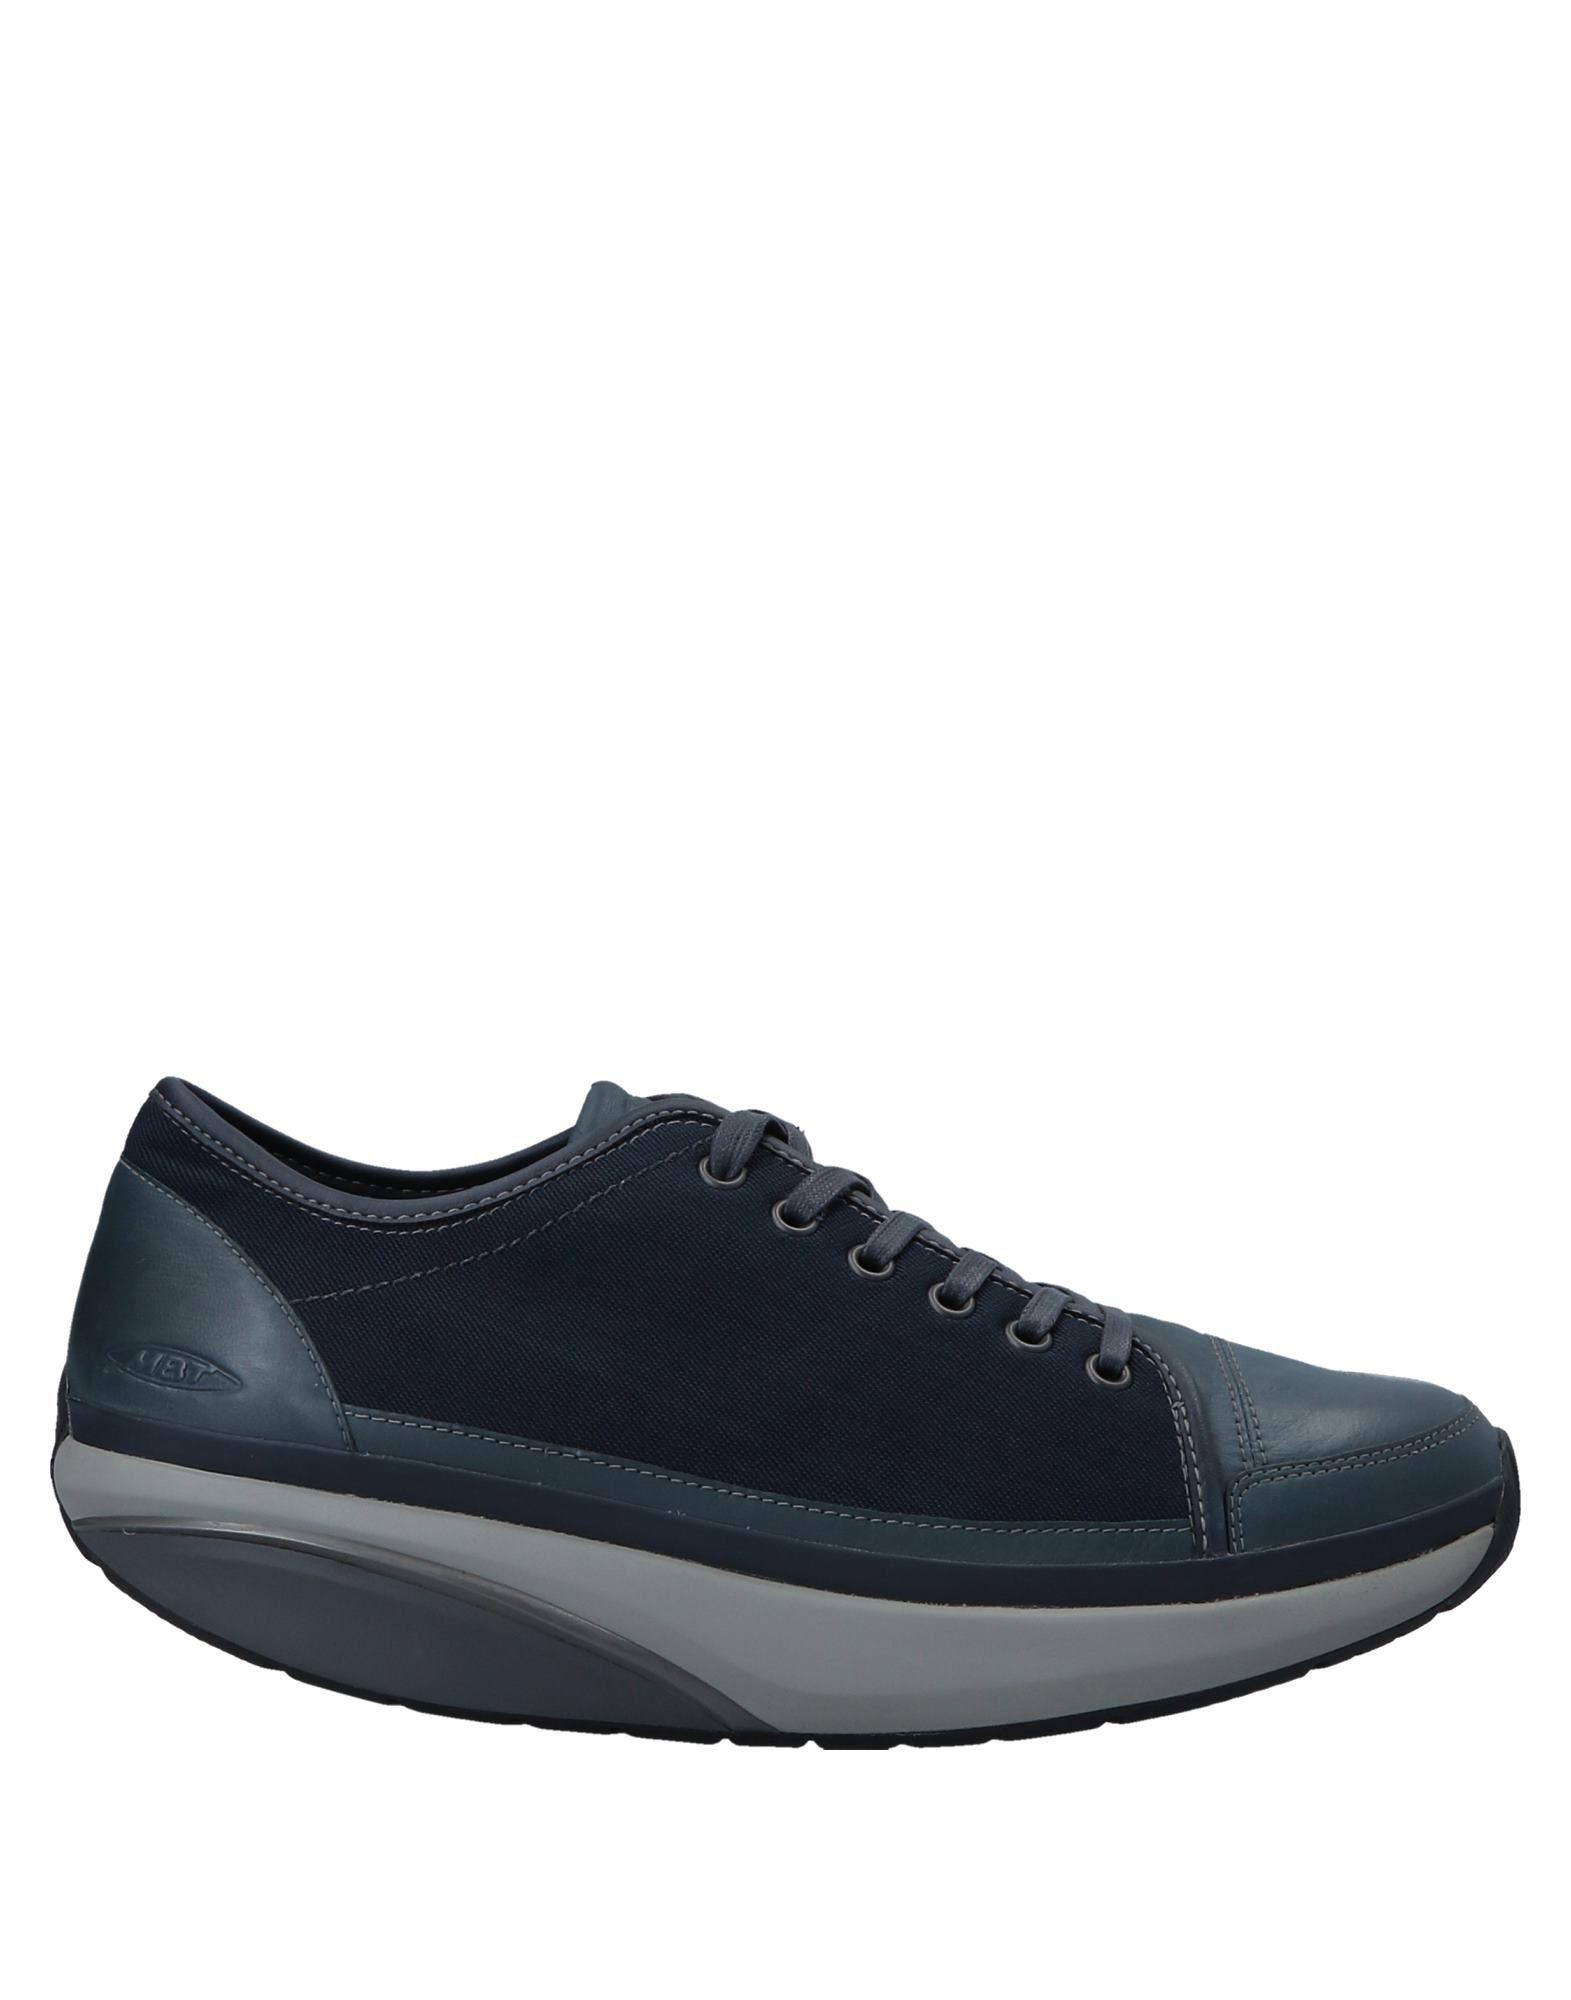 Mbt Sneakers Herren  11555738JN Gute Qualität beliebte Schuhe